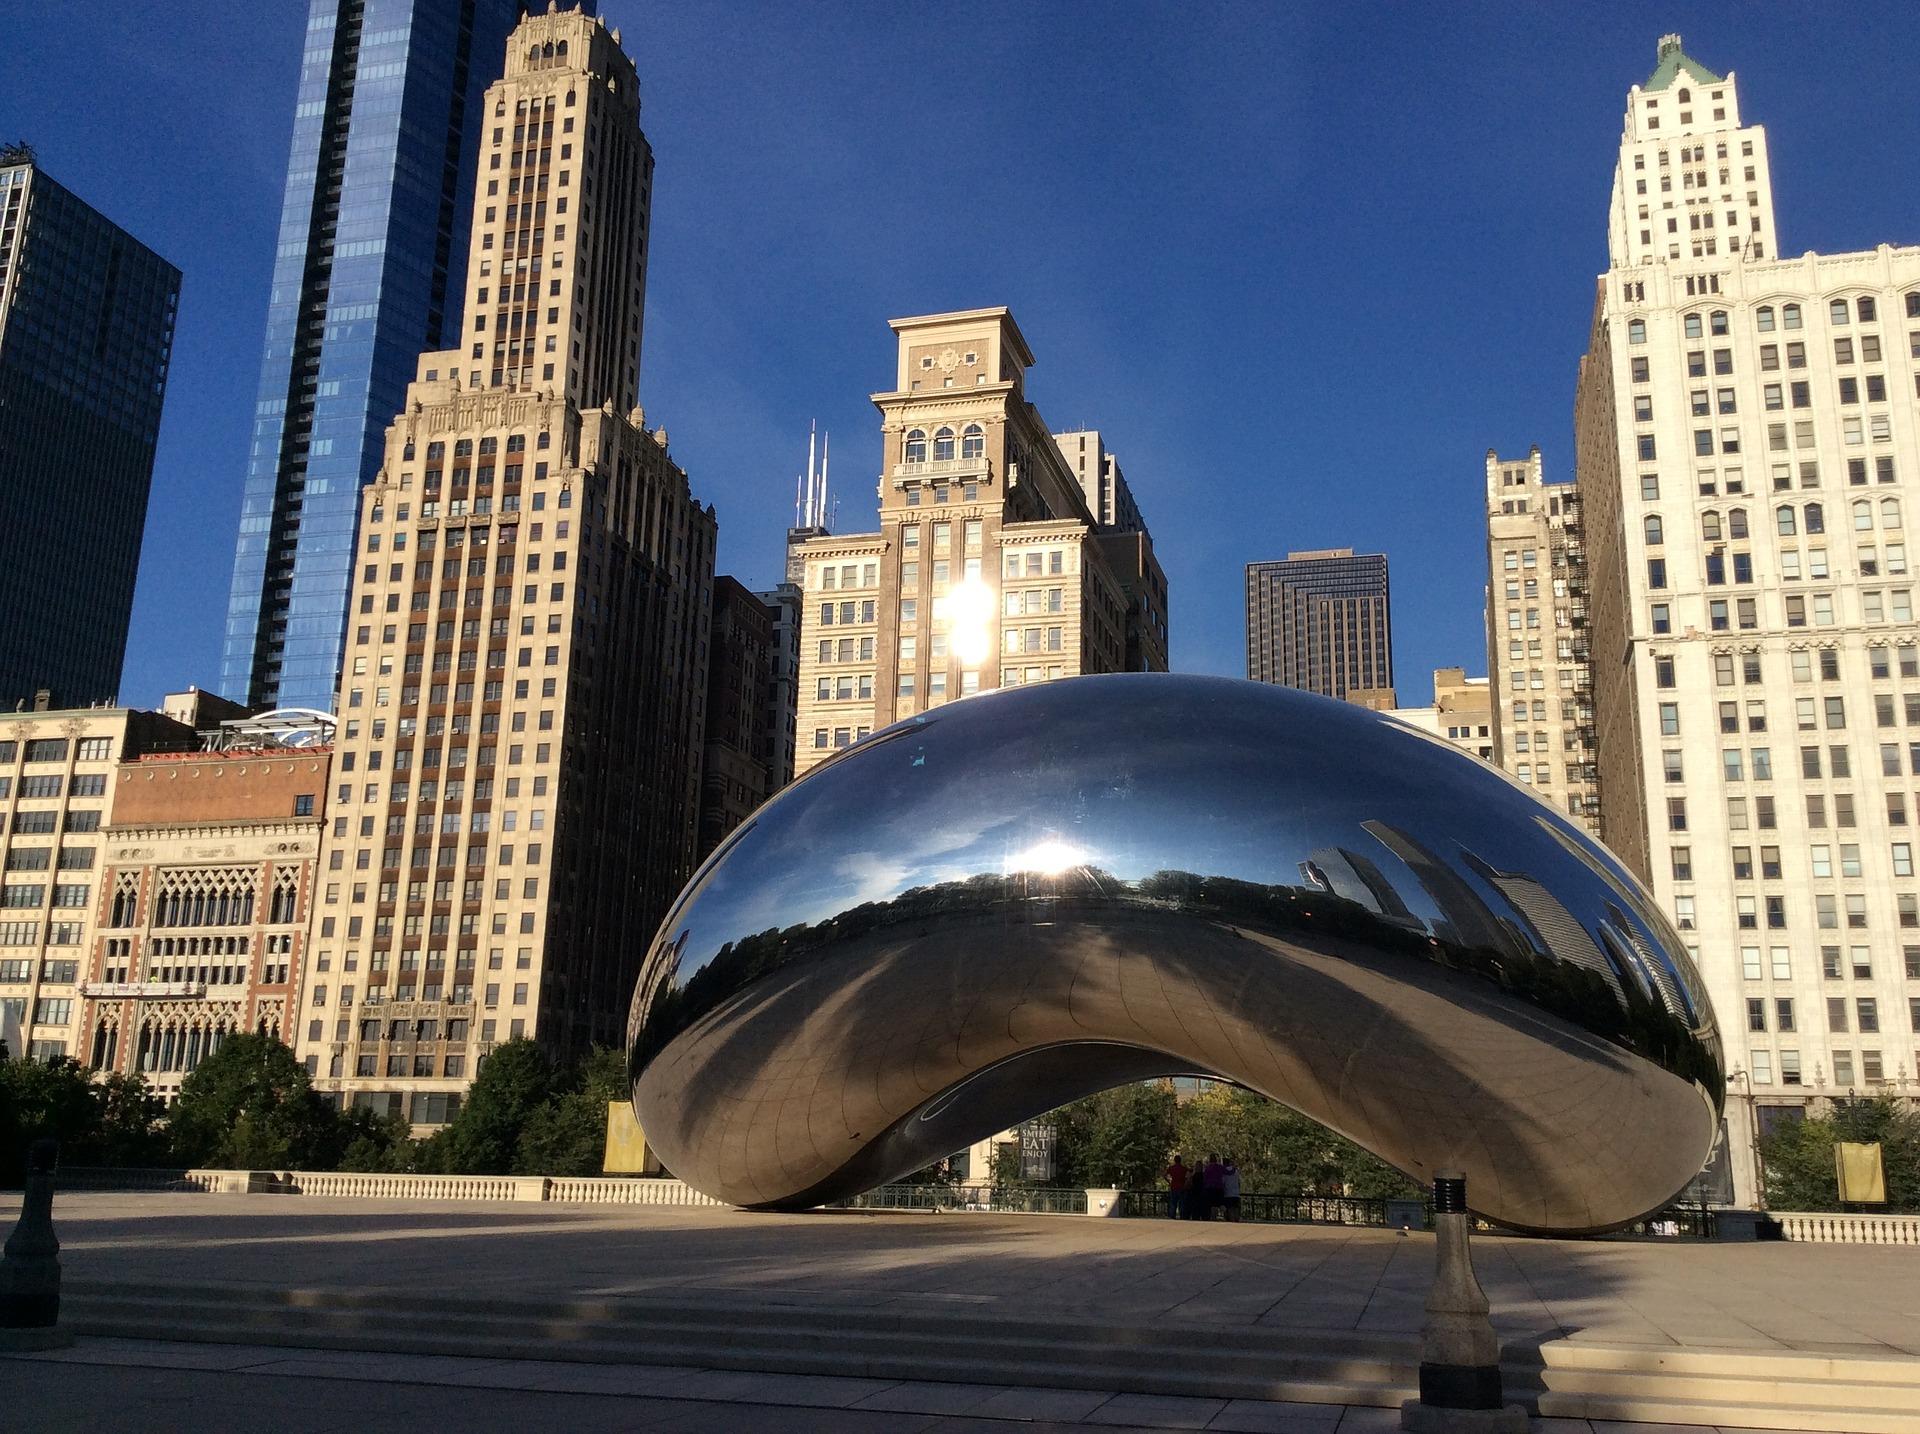 Millennium Park, Chicago, with the Cloud Gate